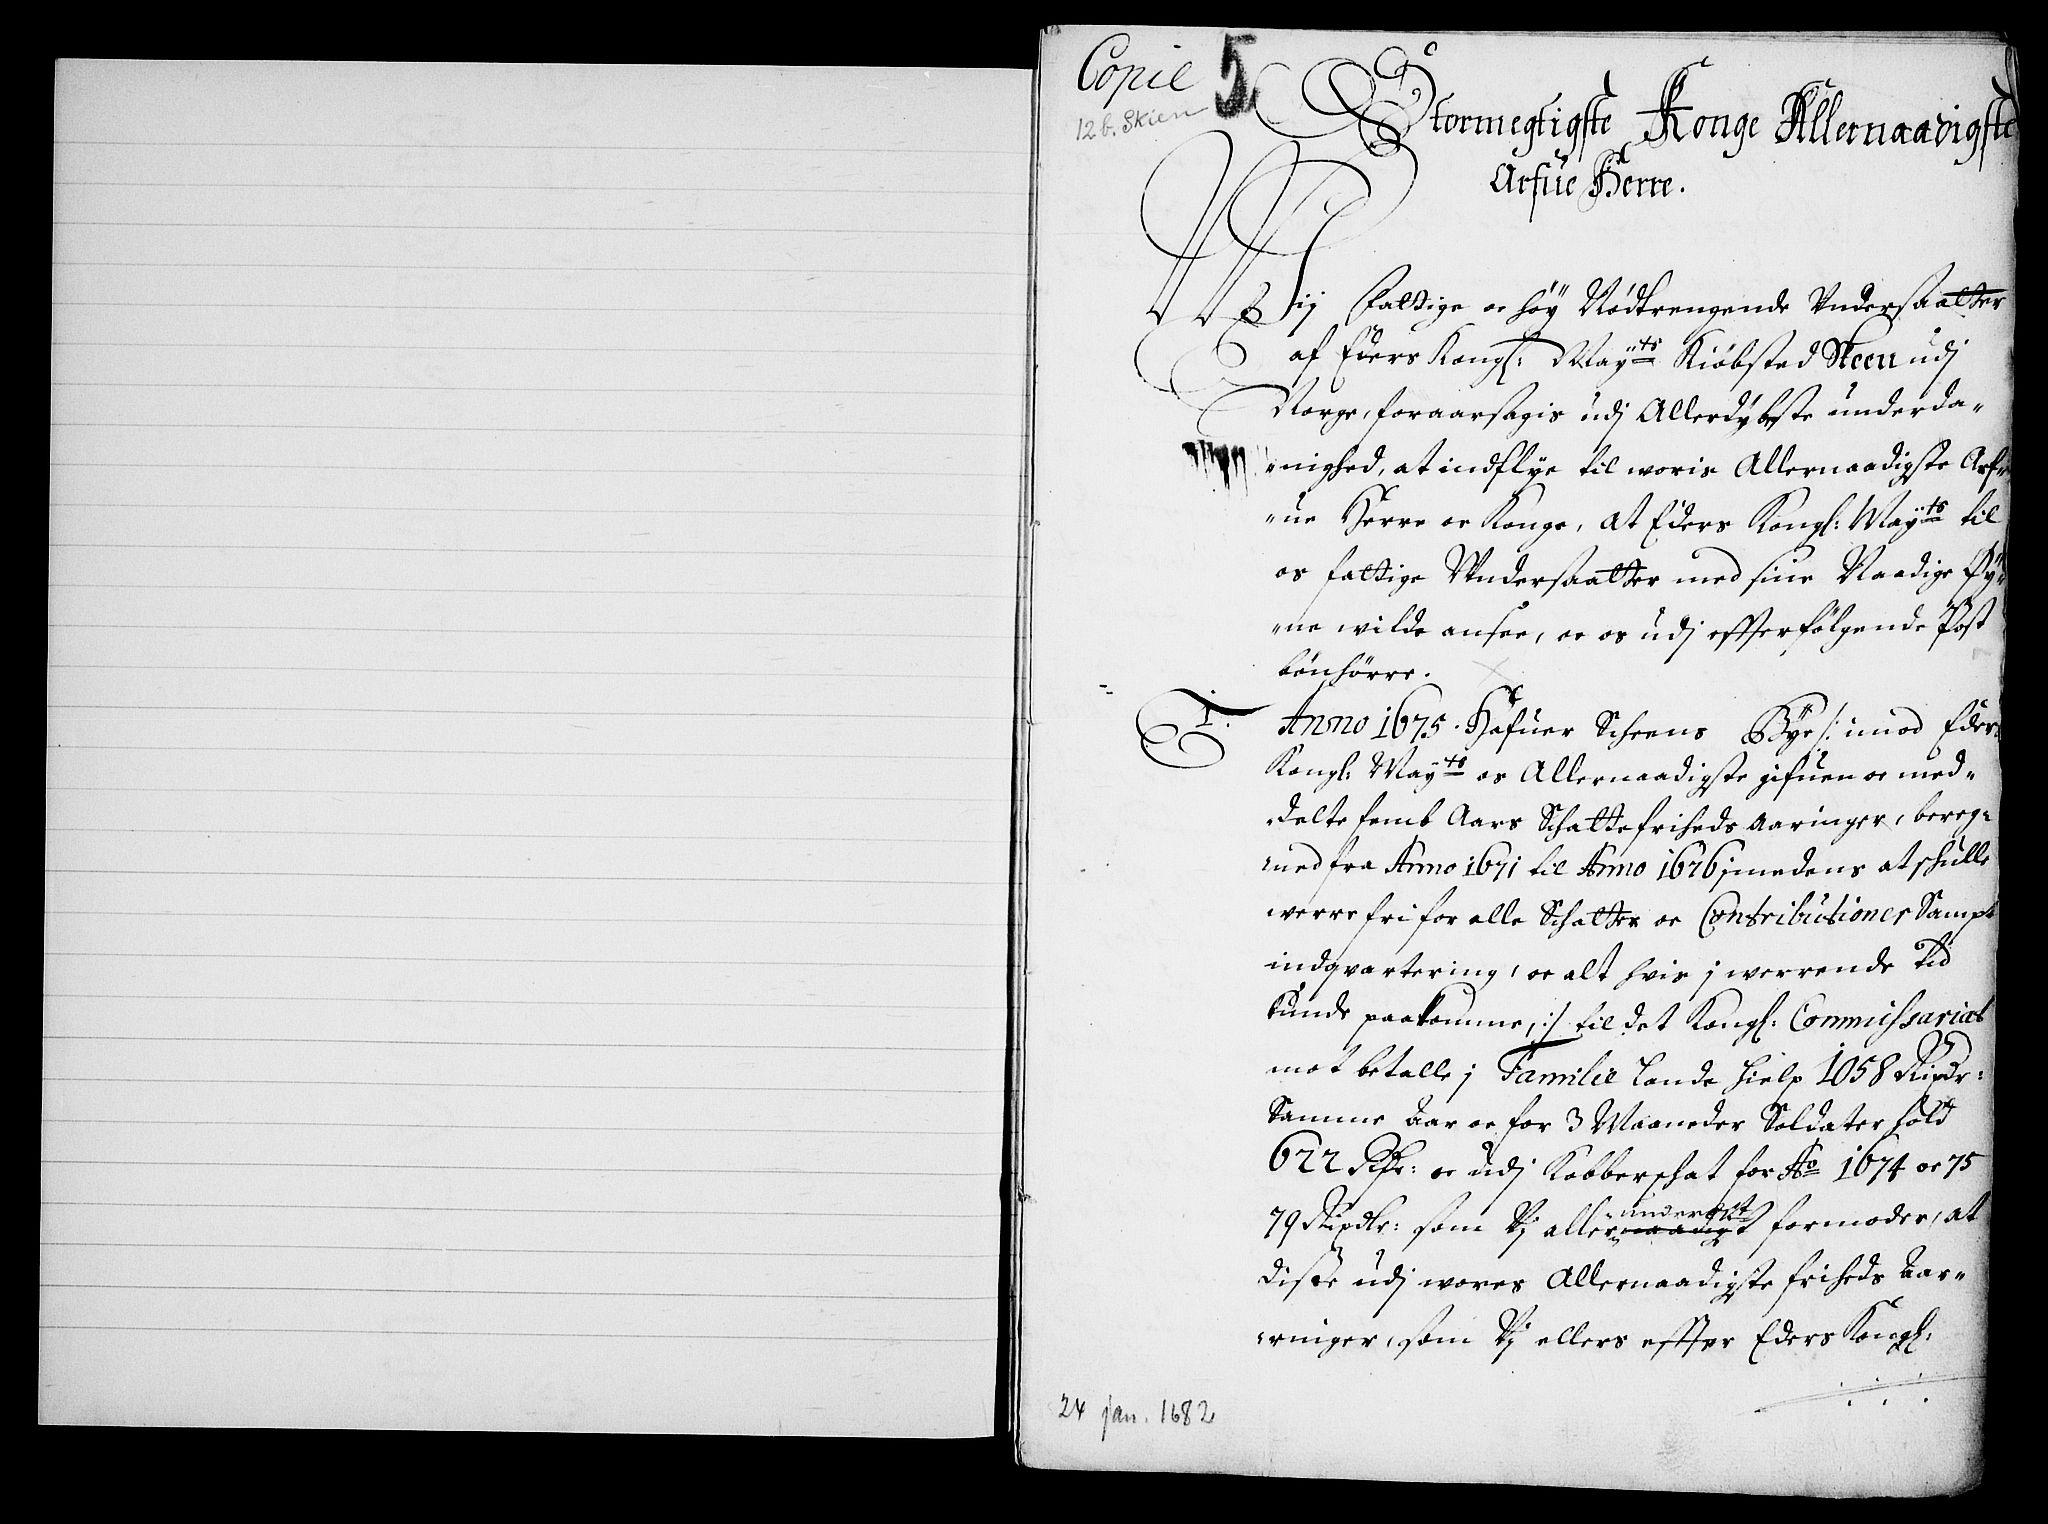 RA, Danske Kanselli, Skapsaker, G/L0019: Tillegg til skapsakene, 1616-1753, s. 98